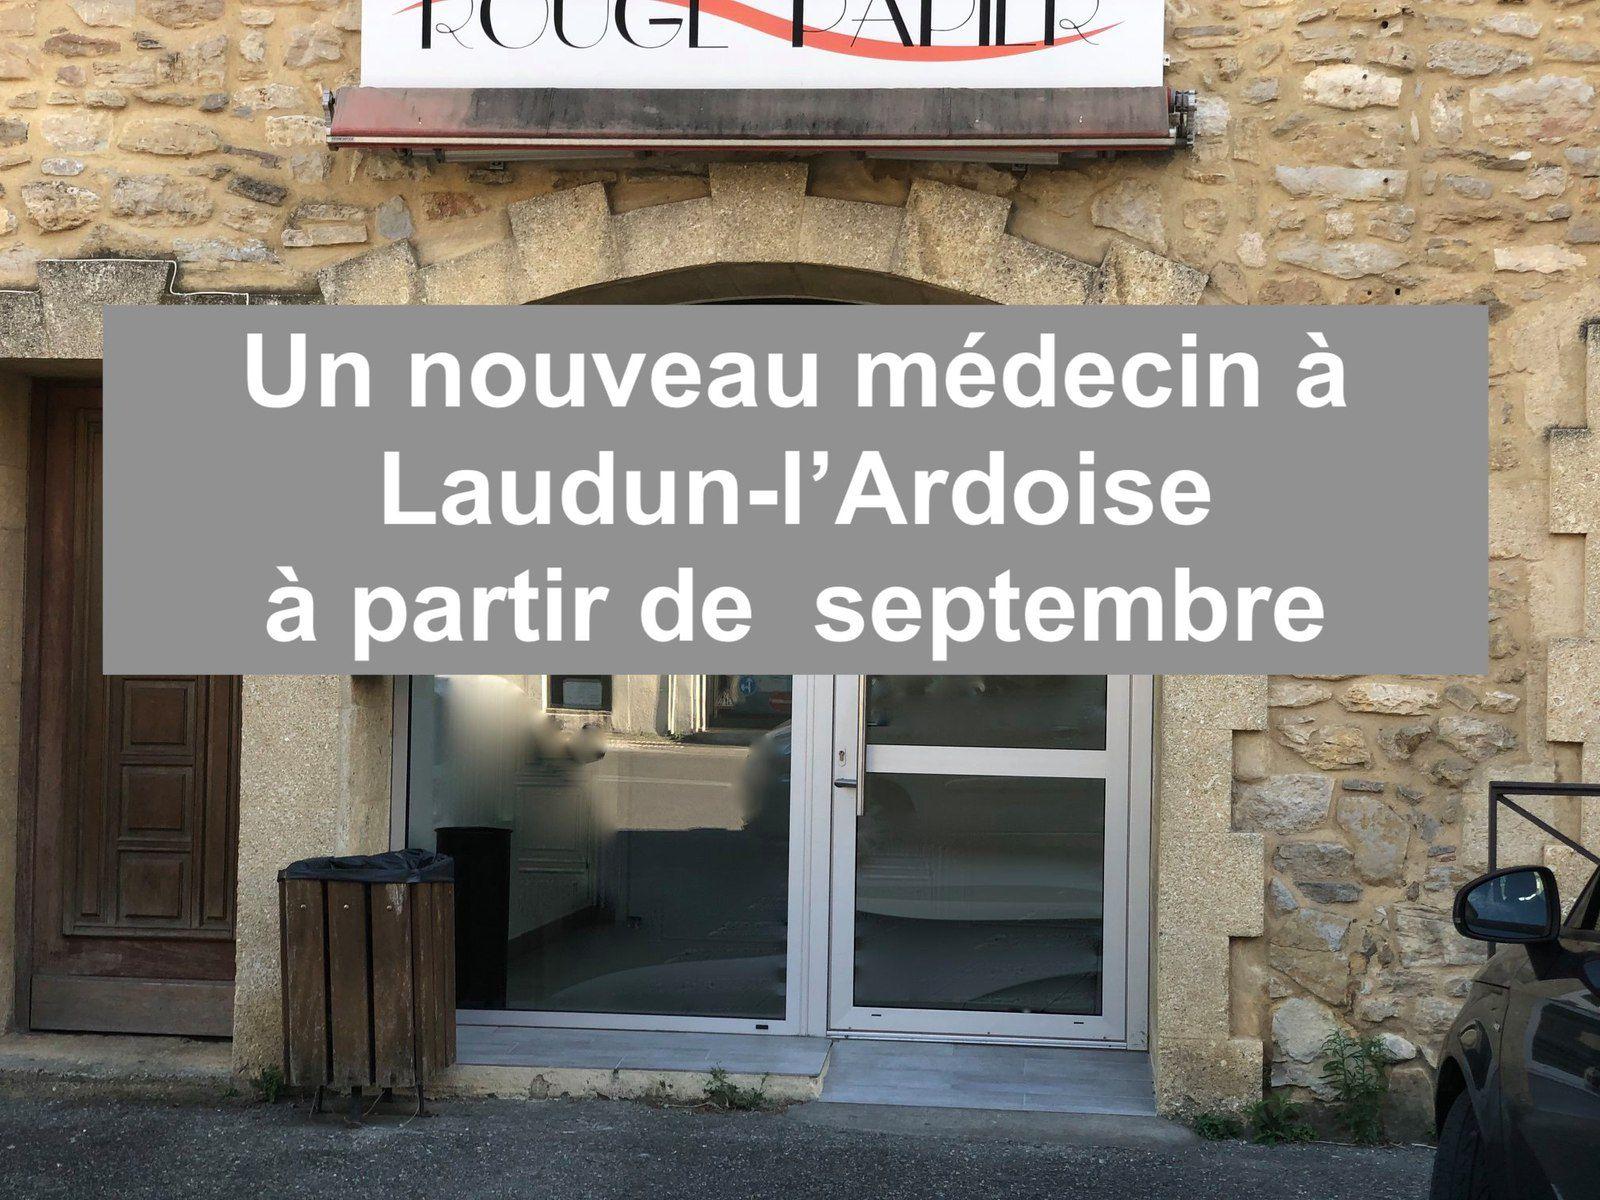 Laudun-l'Ardoise aura un nouveau médecin en septembre